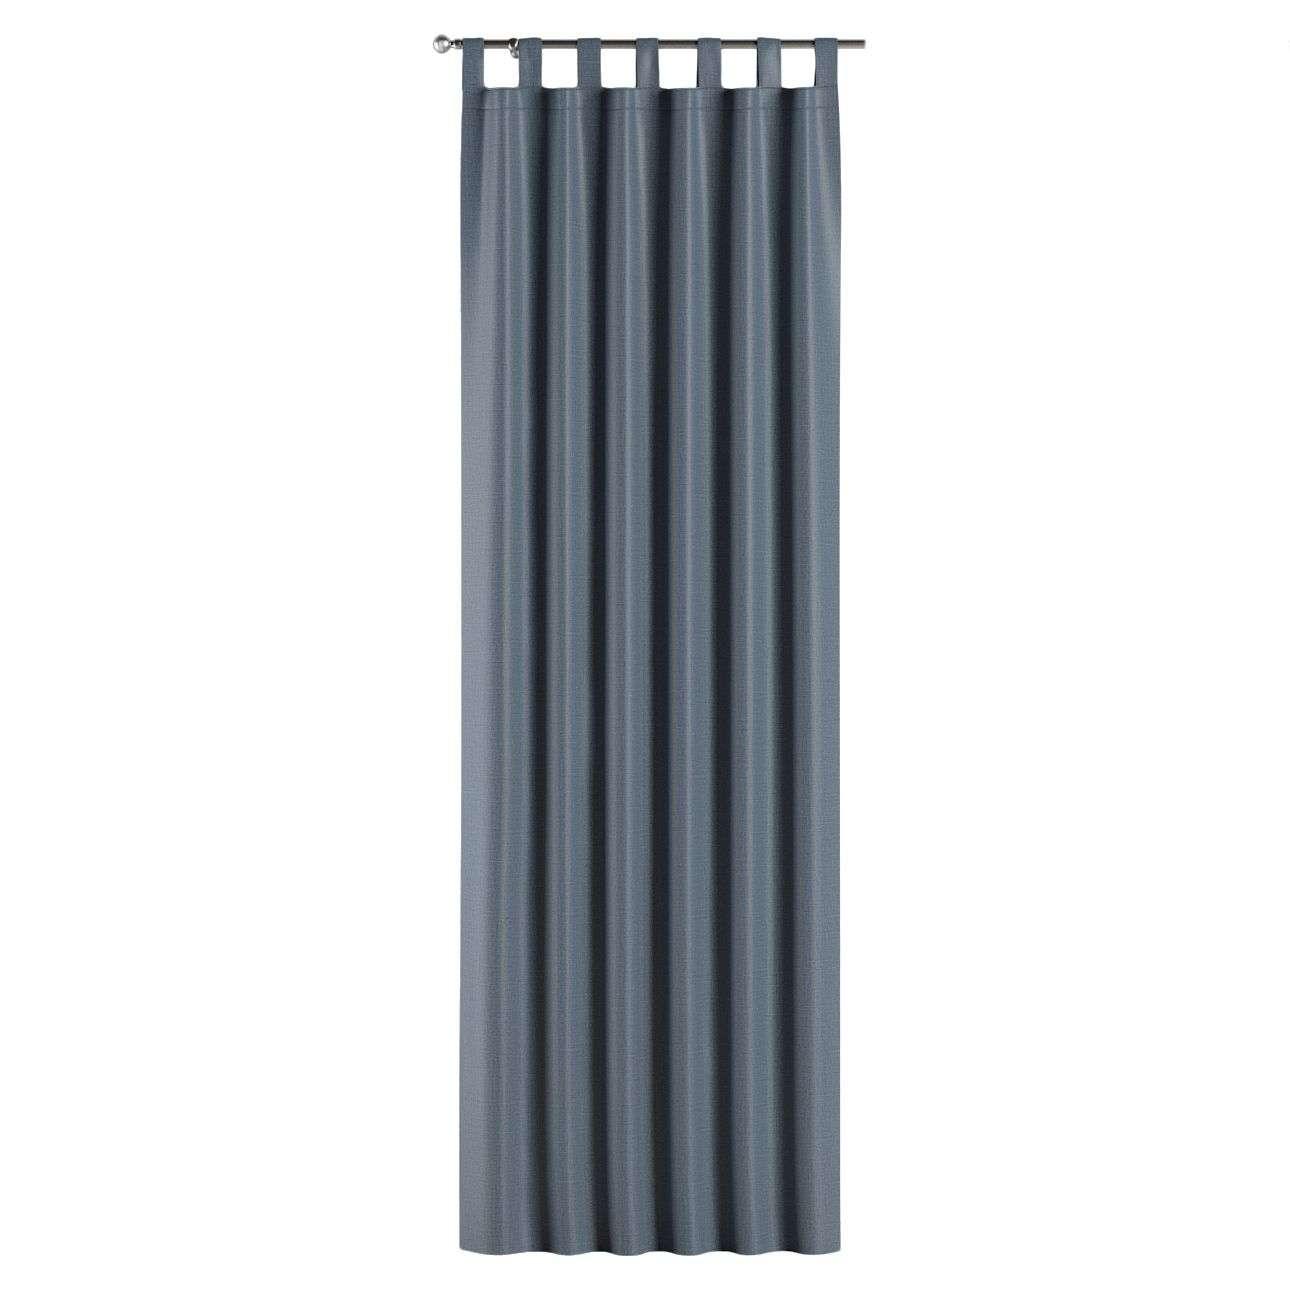 Lystet gardin med stropper fra kolleksjonen Blackout (mørklegging), Stoffets bredde: 269-67